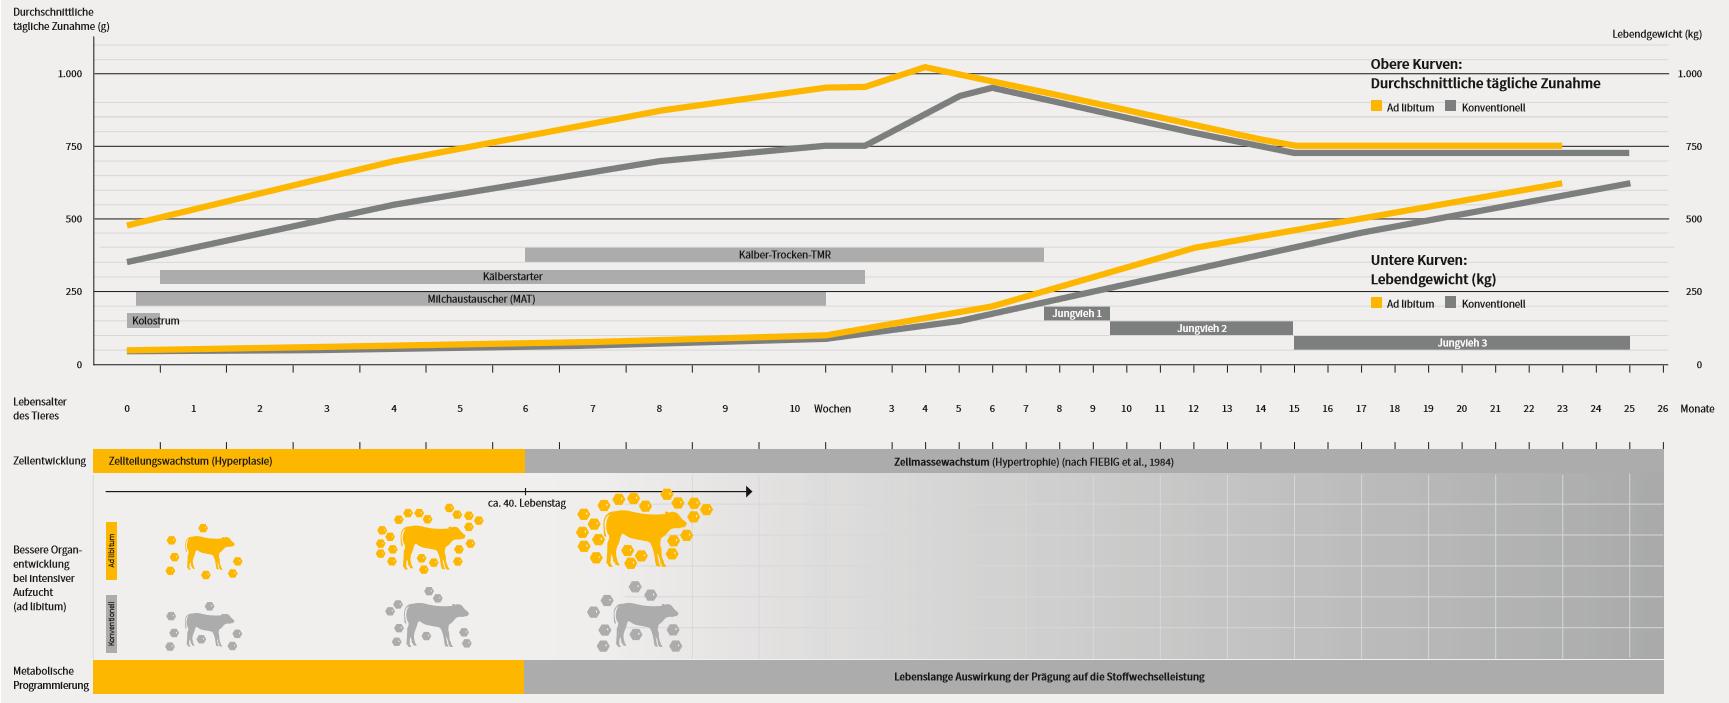 Grafik über Wachtsumsverlauf und Entwicklung des Lebendgewichts von Kälbern inkl. Alter, Zellentwicklung und metabolische Programmierung.